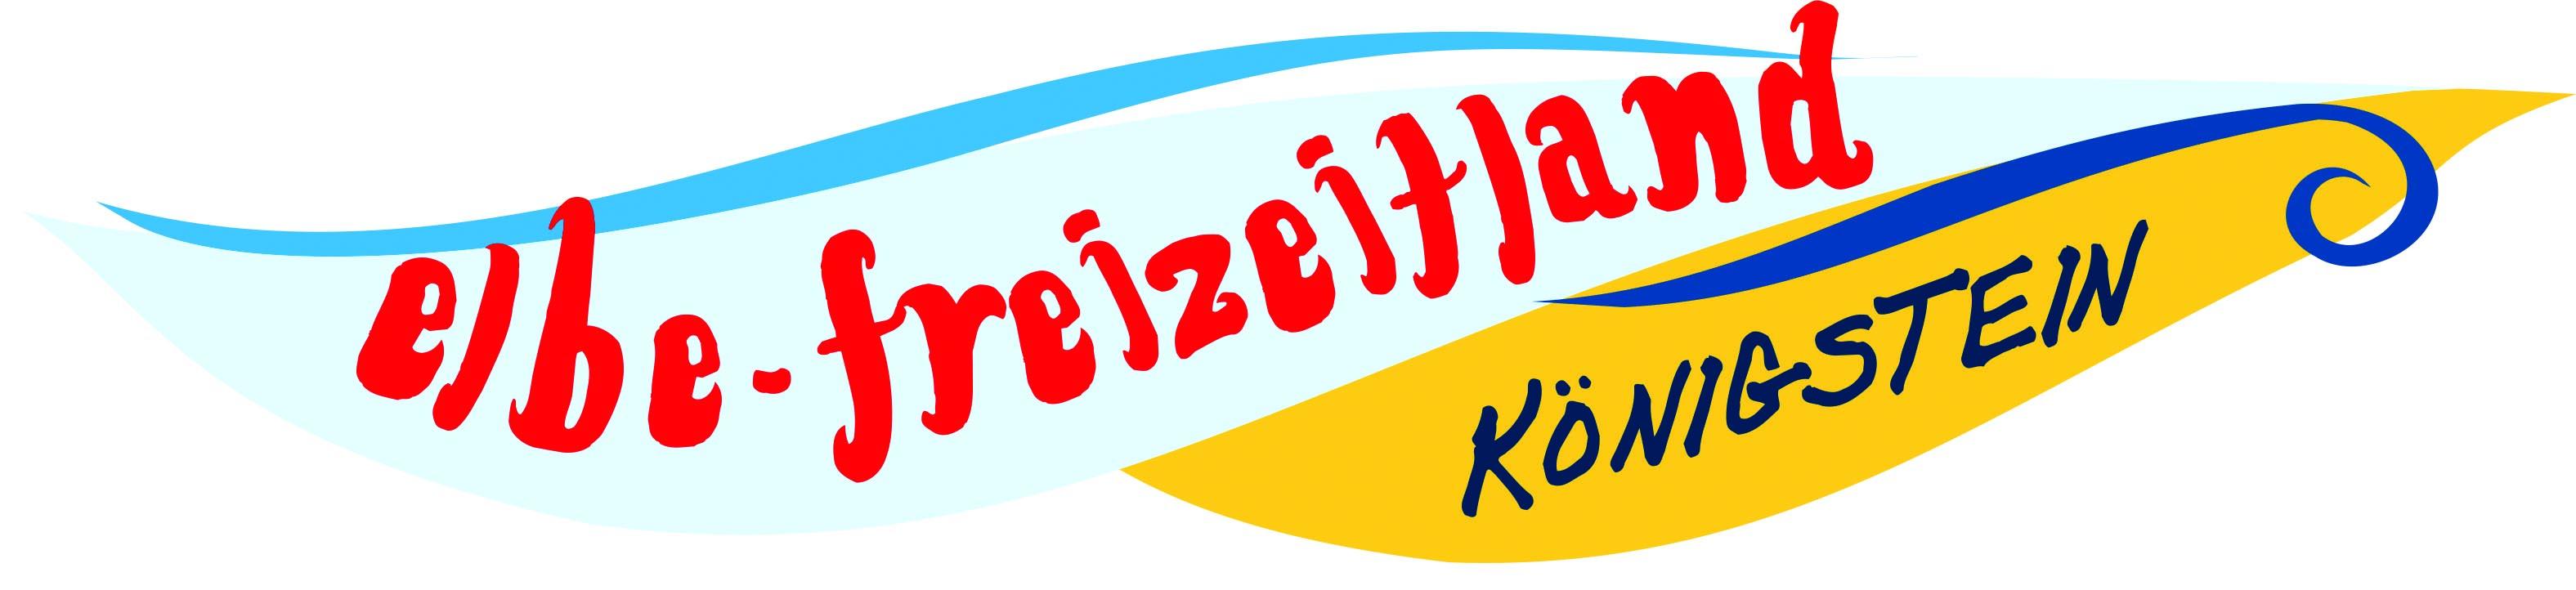 Logo Elbe-Freizeitland Königstein